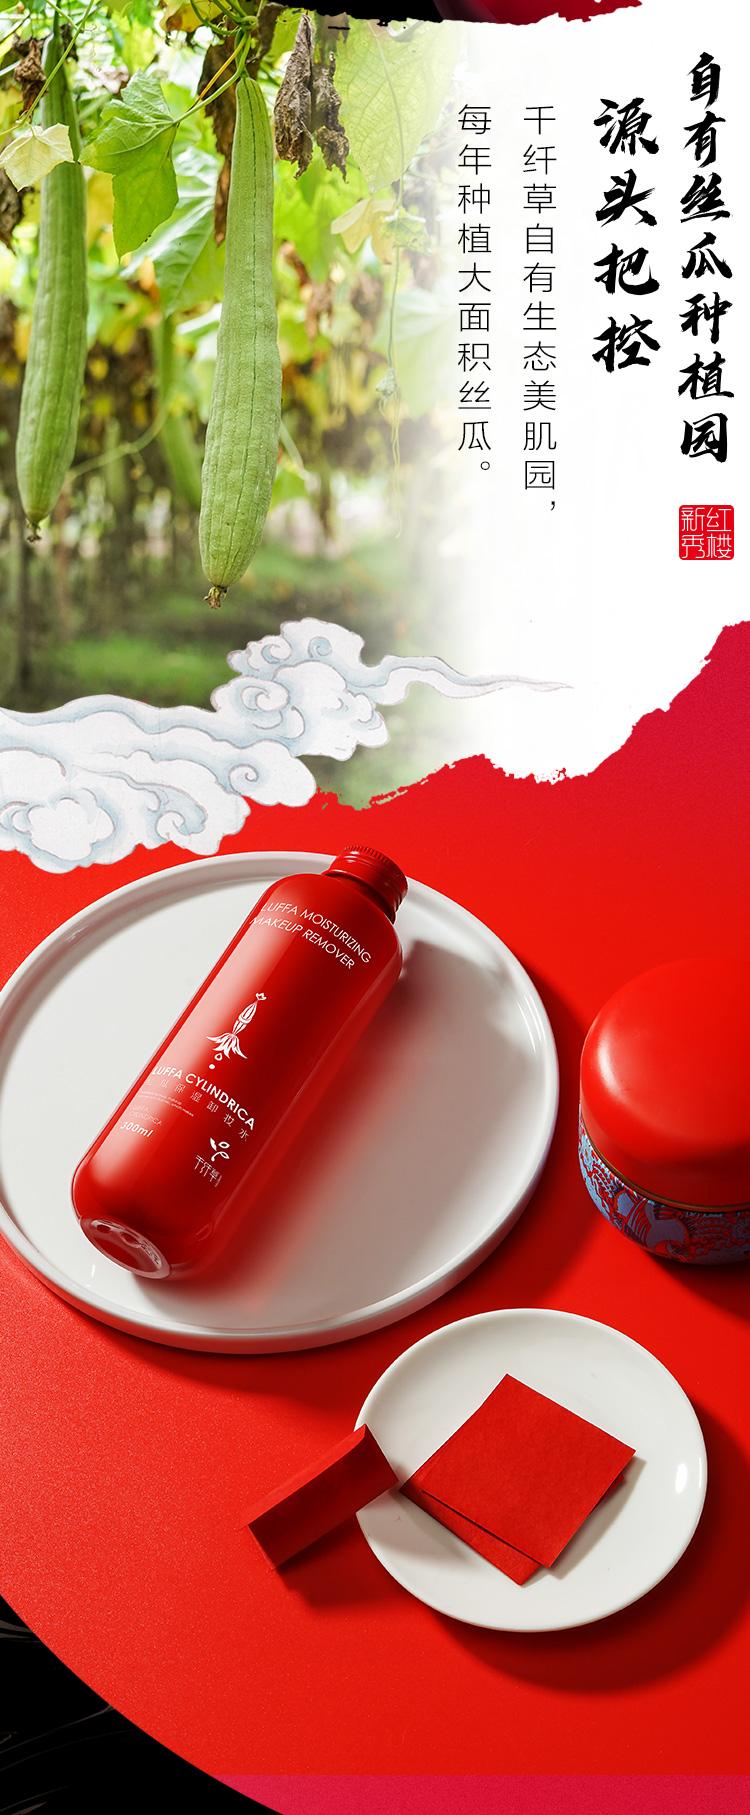 Tẩy trang Nước bạch huyết trong cỏ vị tha, lọ sơn lớn màu đỏ, làm sạch gương mặt Lip mềm, mặt ba tro